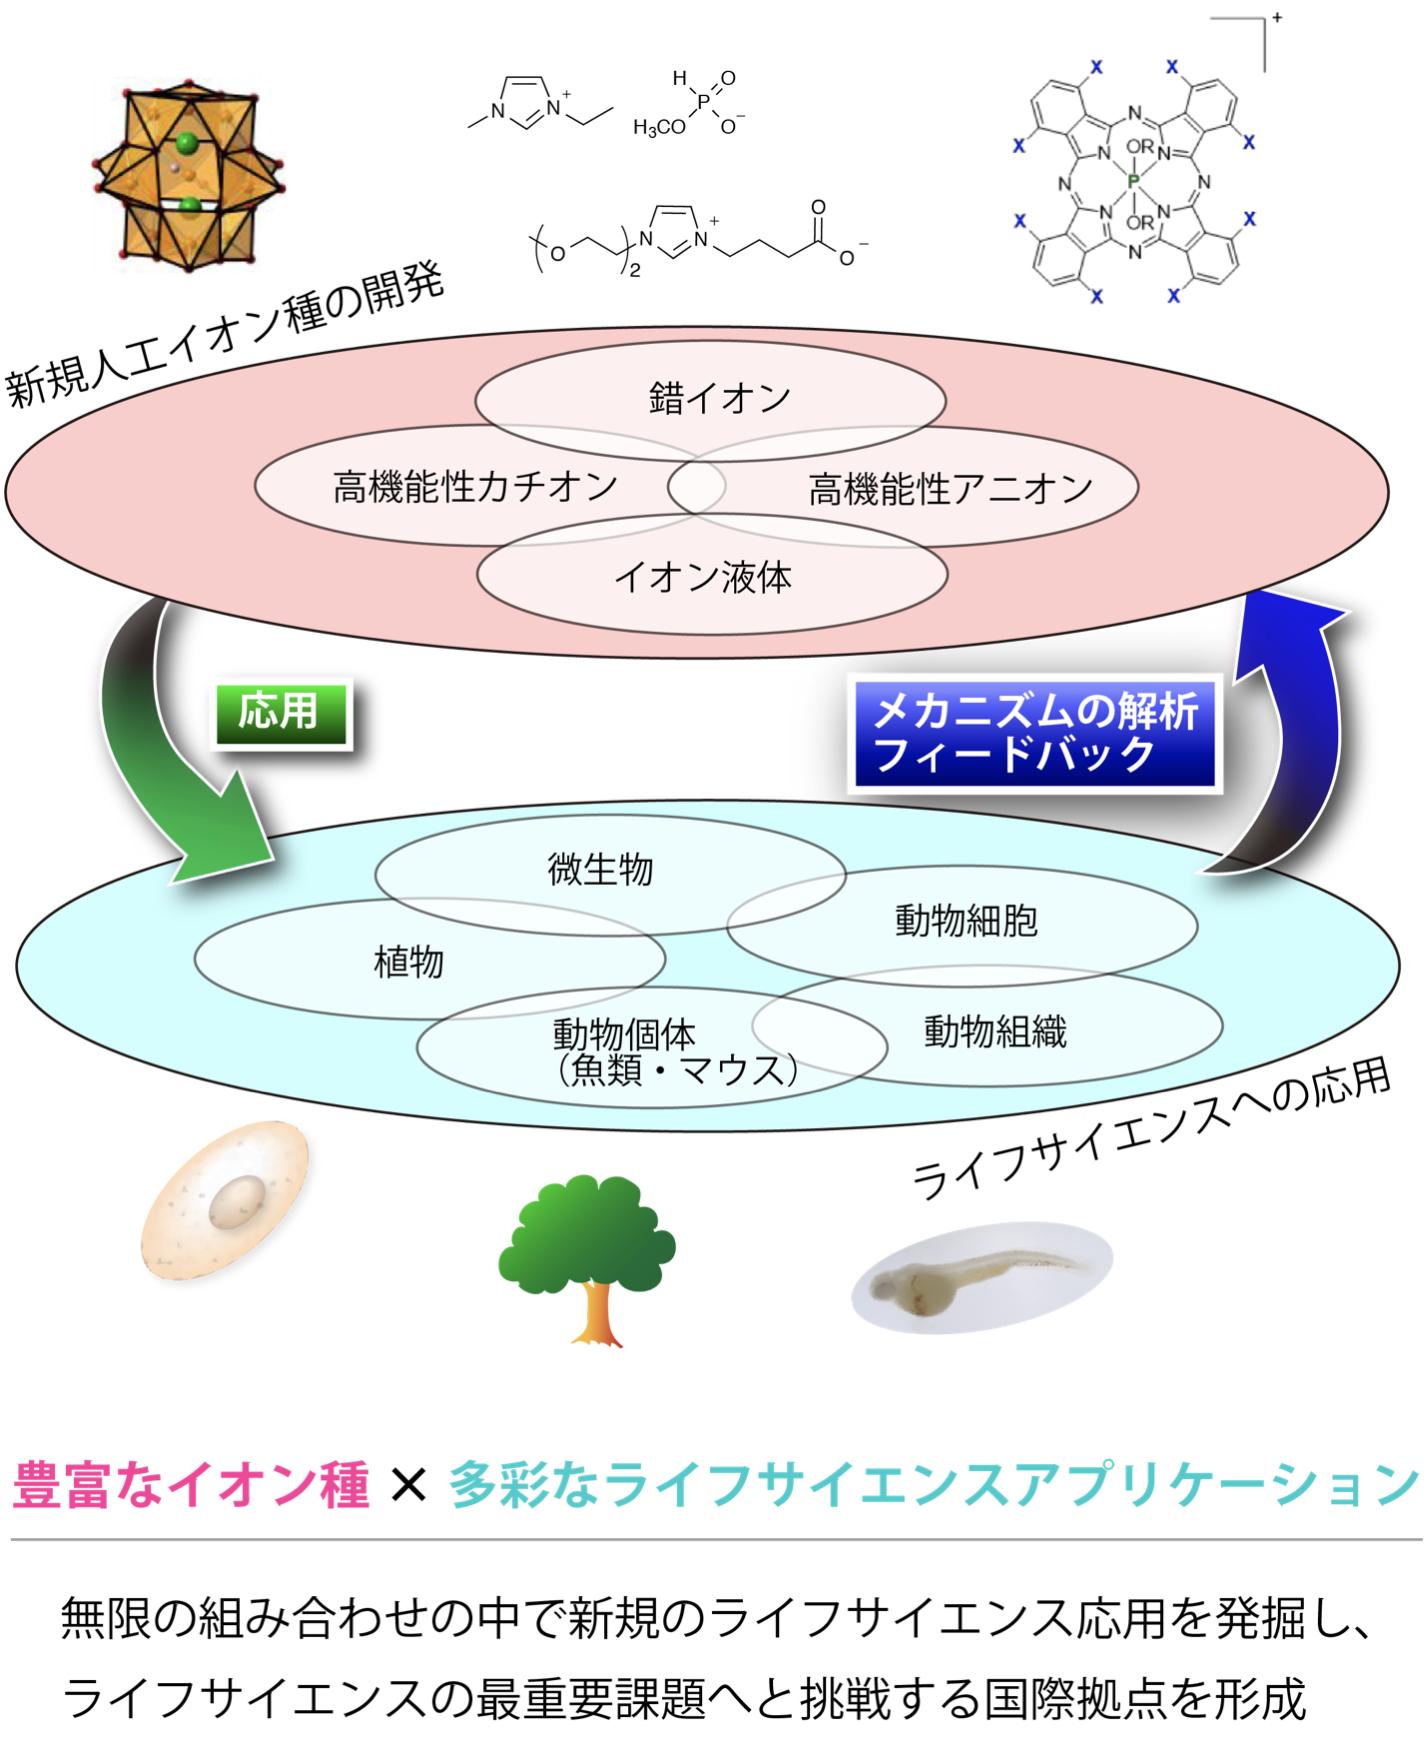 (挿入図)chozen-kuroda